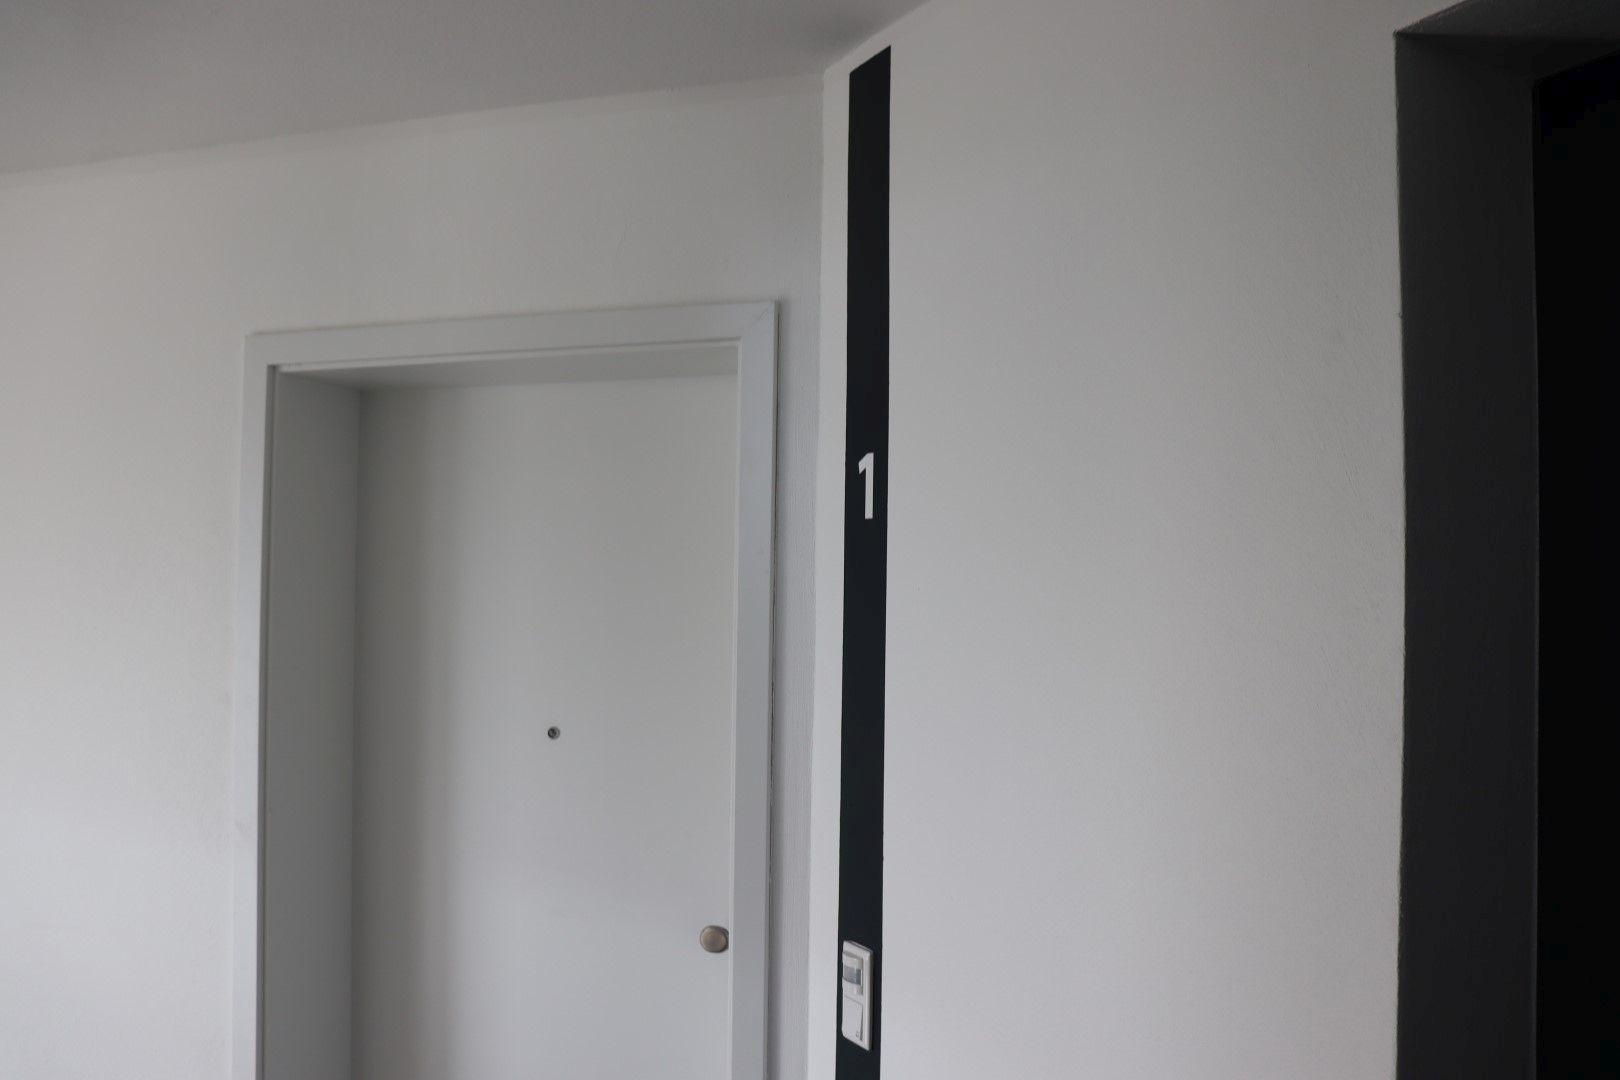 Immobilie Nr.0266 - 2-Raum-Erdgeschoss-Wohnung im Neubau mit hochwertiger Ausstattung - Bild 17.jpg